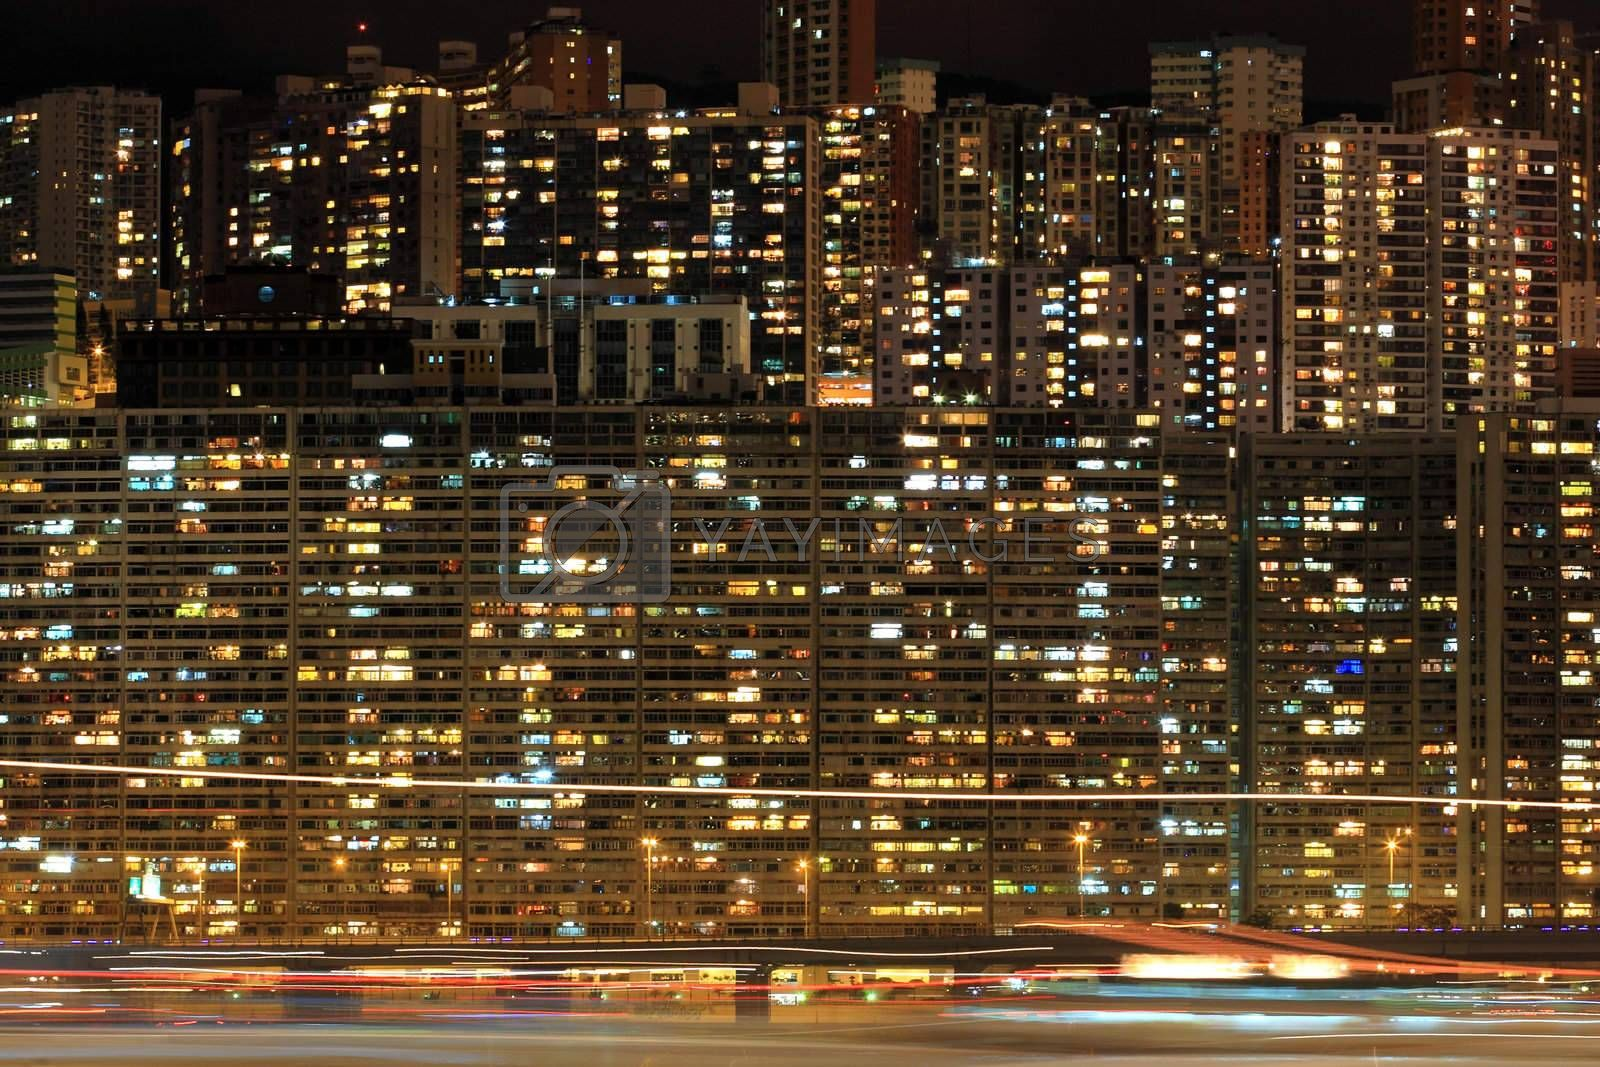 Royalty free image of Apartment block at night, Hong, Kong by leungchopan